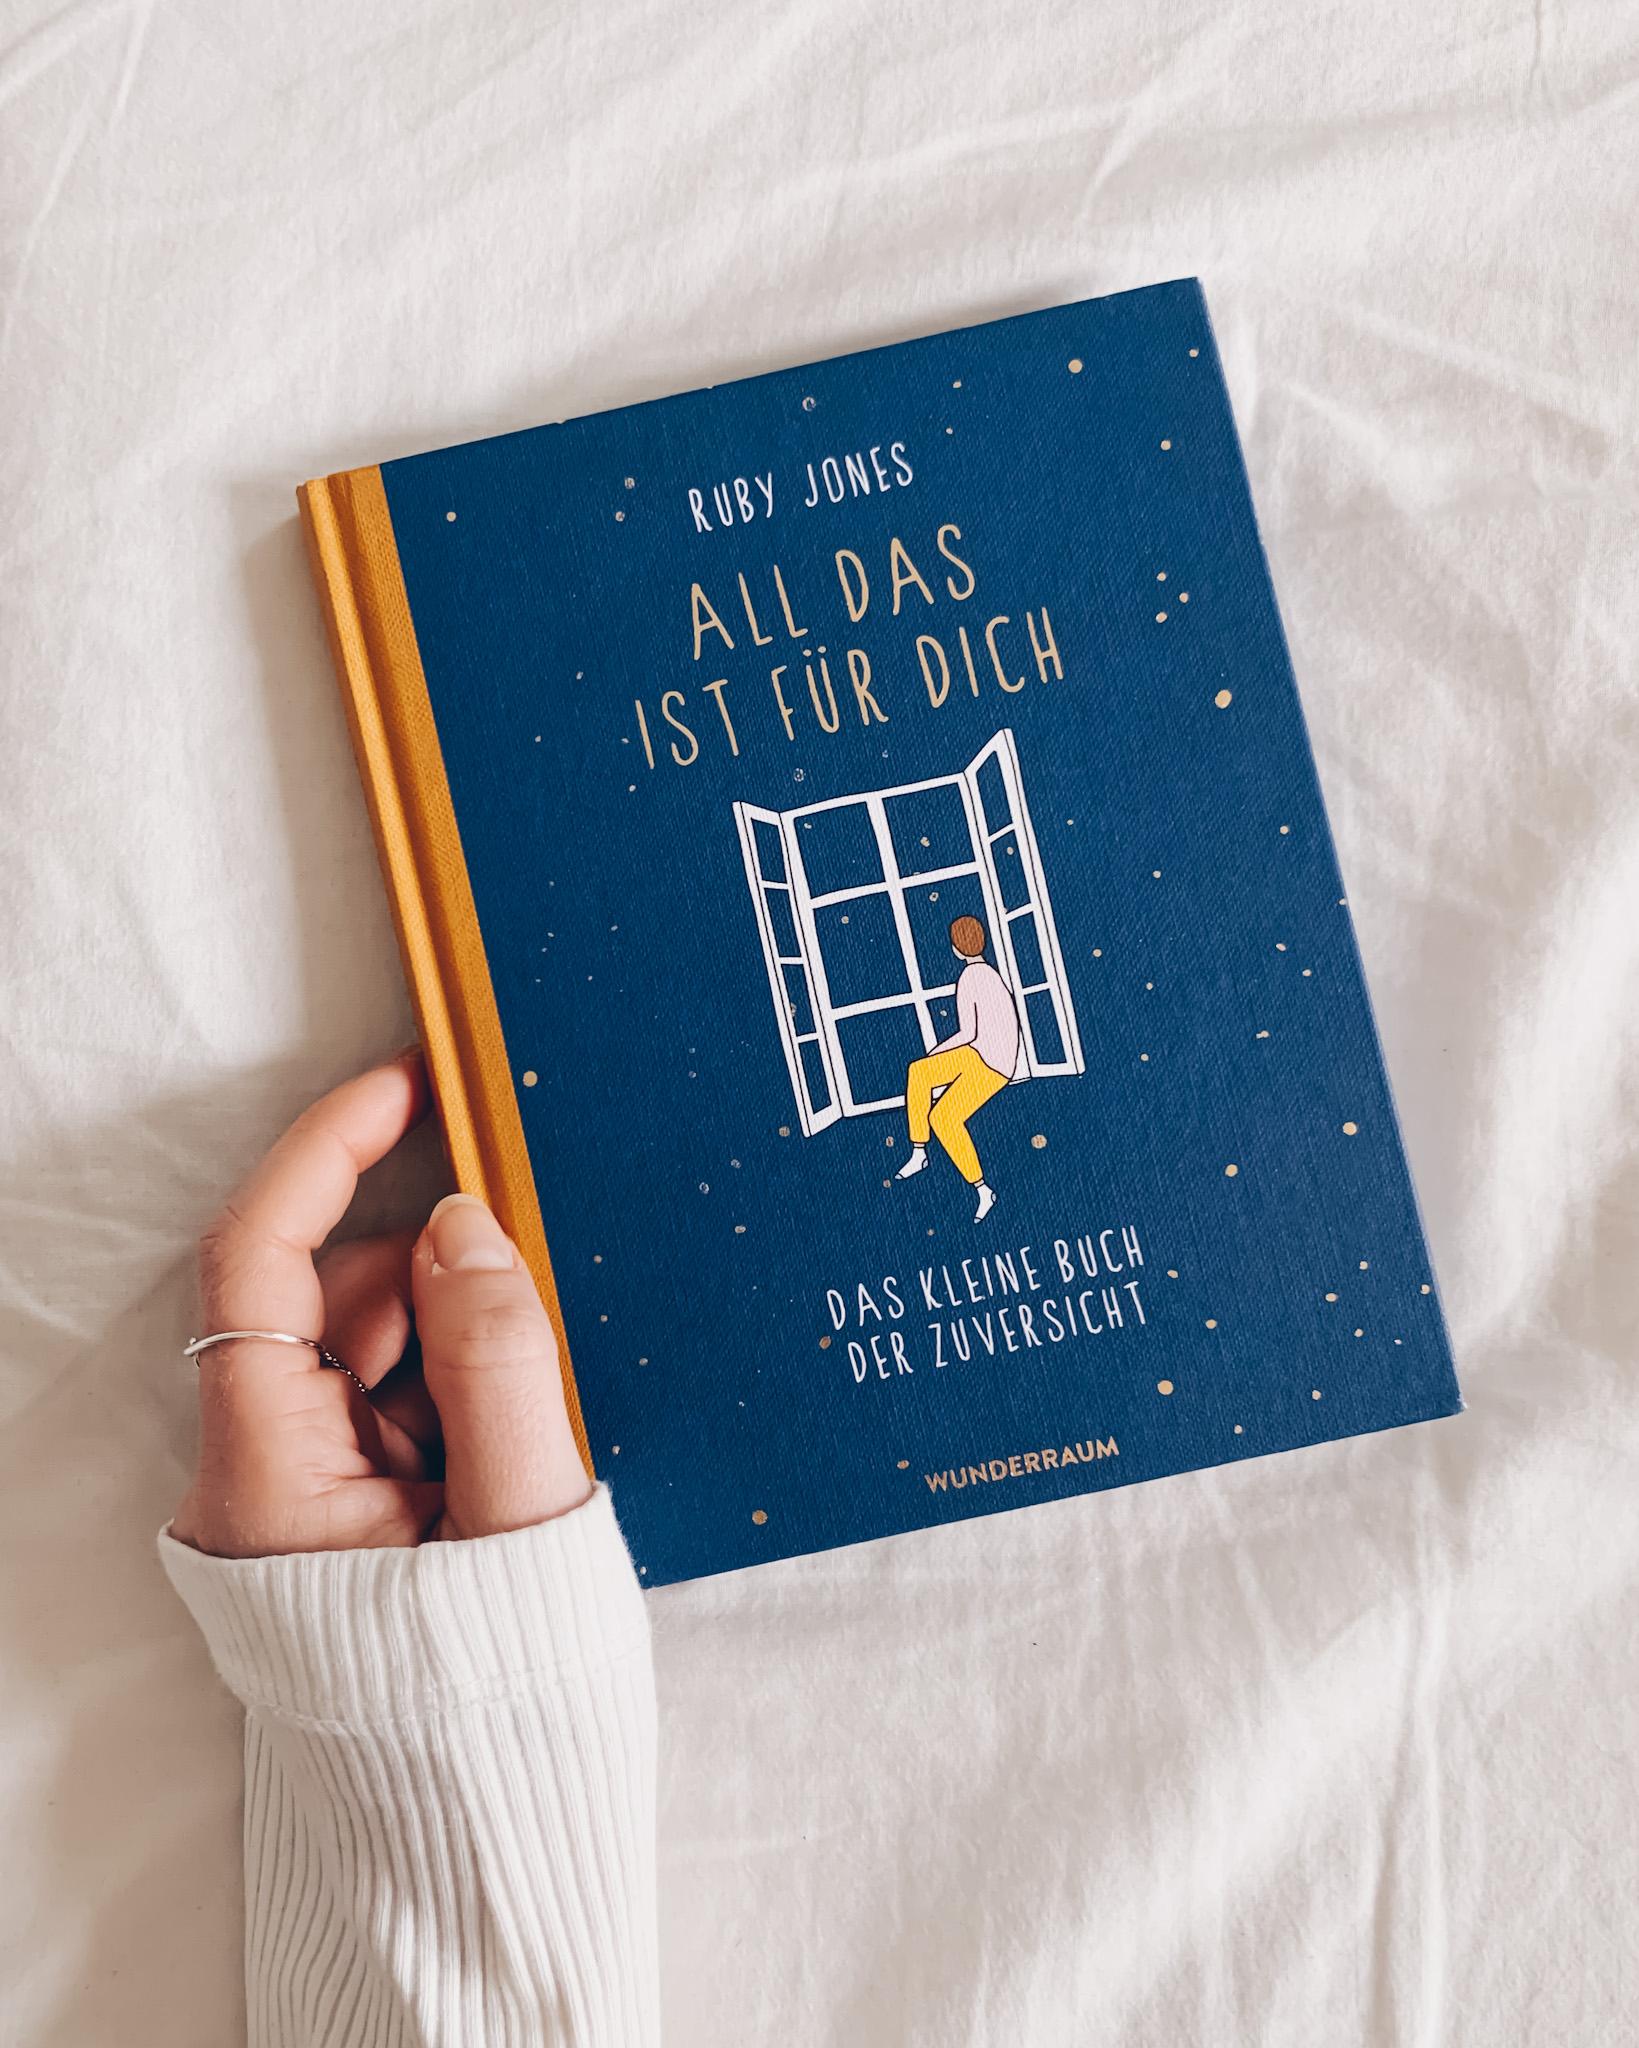 """Buchtipp: """"All das ist für dich: Das kleine Buch der Zuversicht"""" von Ruby Jones - Ein tolles Geschenk an dich selbst! Die liebevollen Illustrationen und Texte gehen direkt ins Herz und schenken dir Momente der Freude und Leichtigkeit in stressigen Zeiten."""